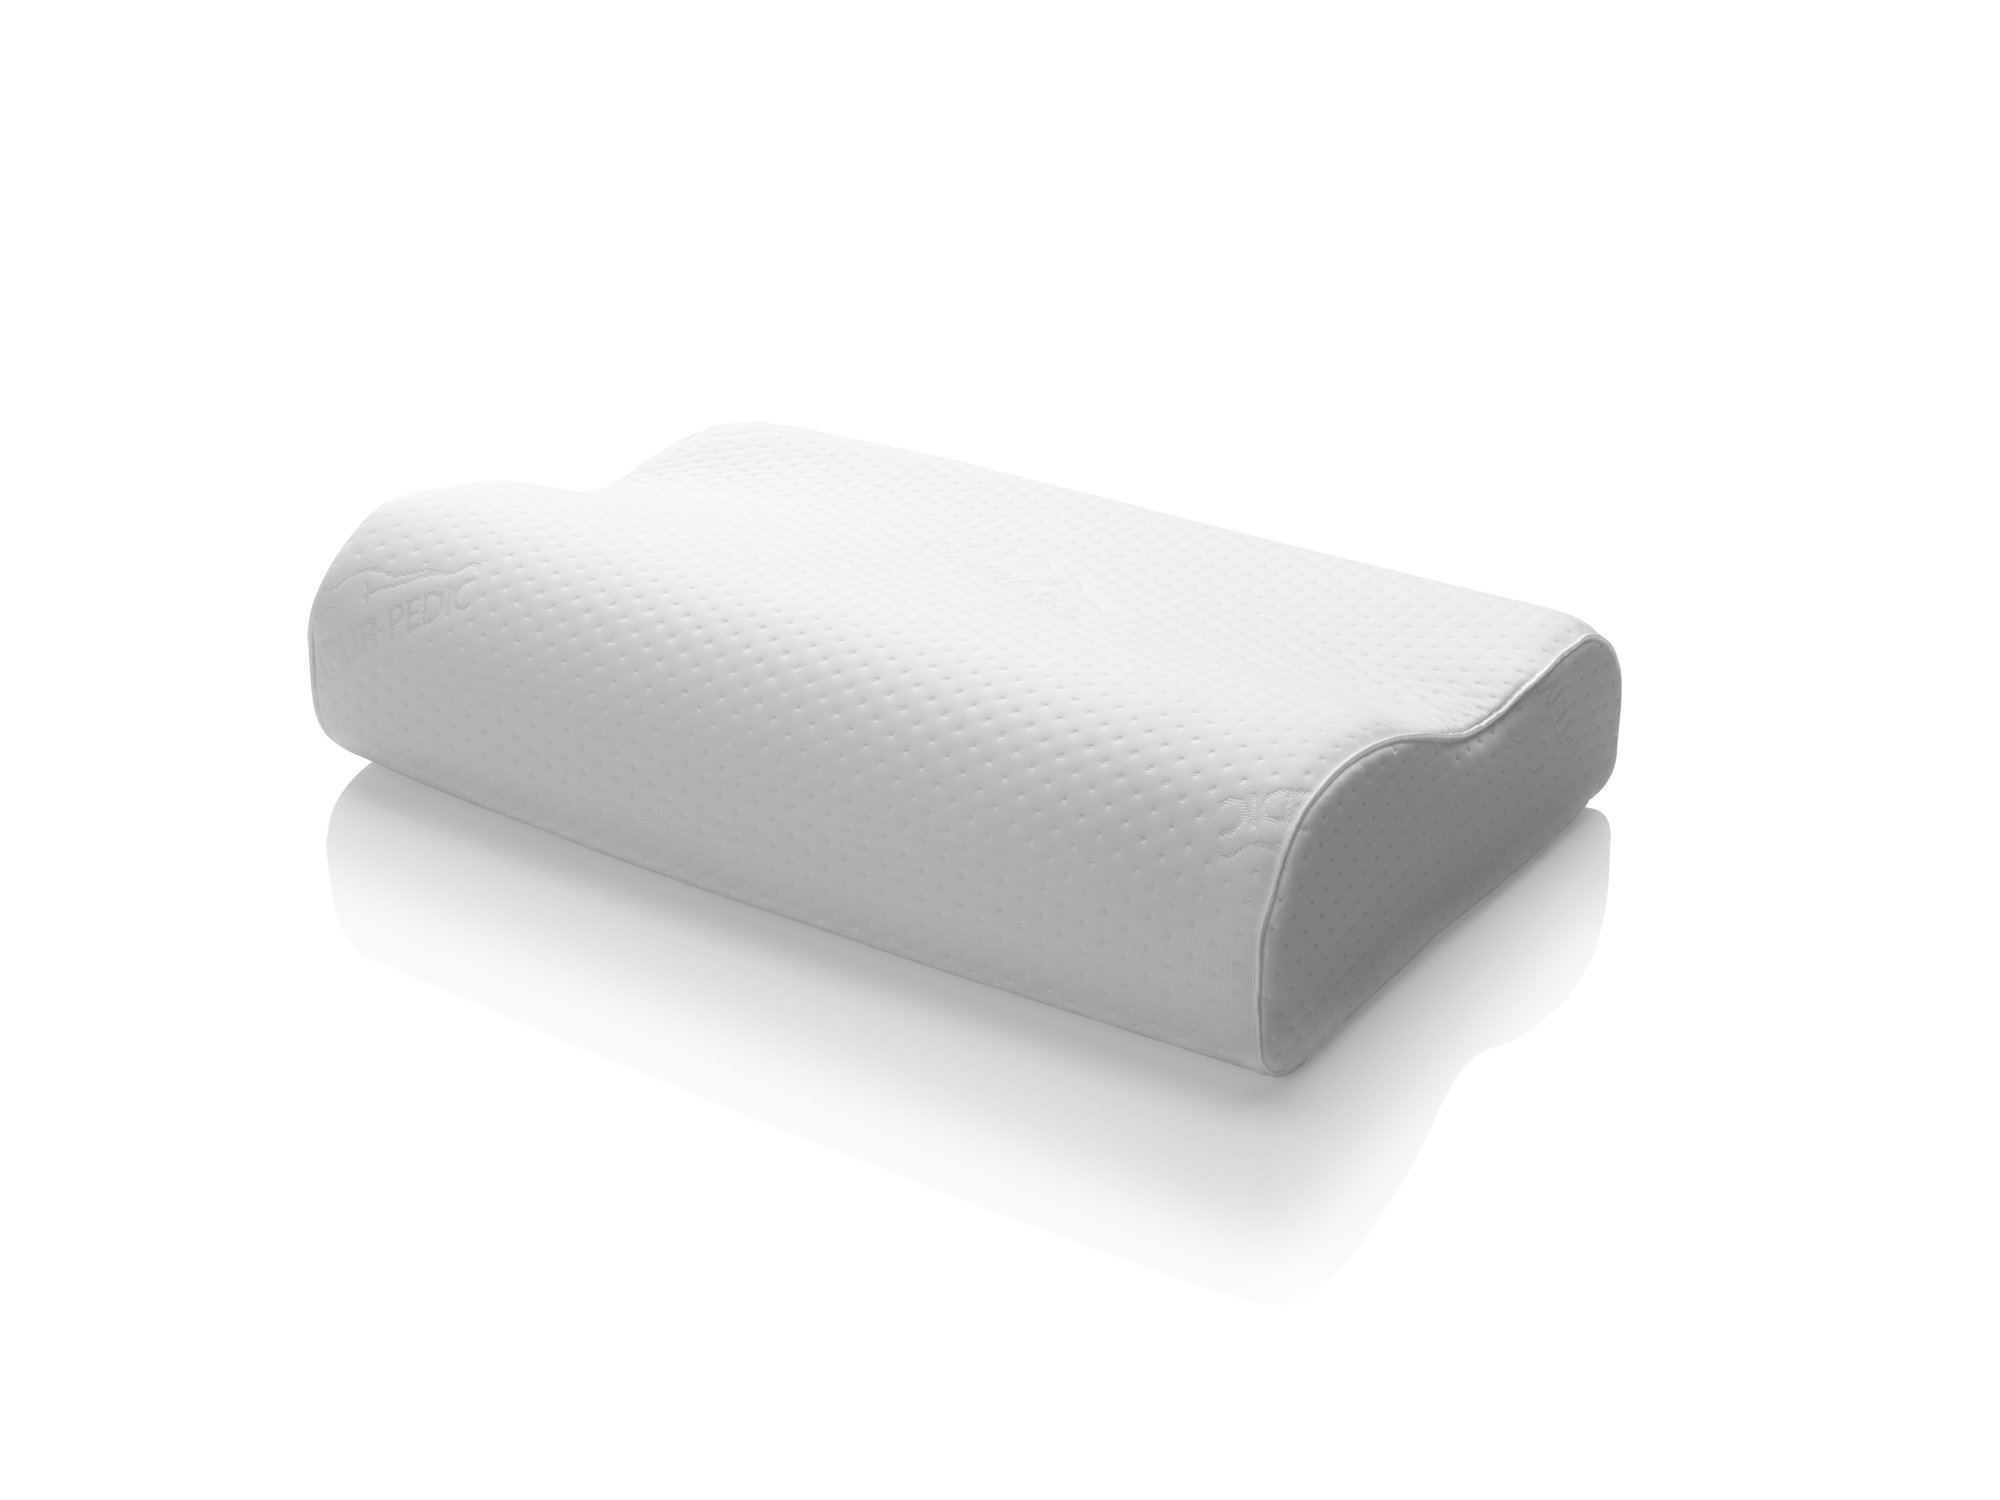 TEMPUR-Neck Pillow, Large